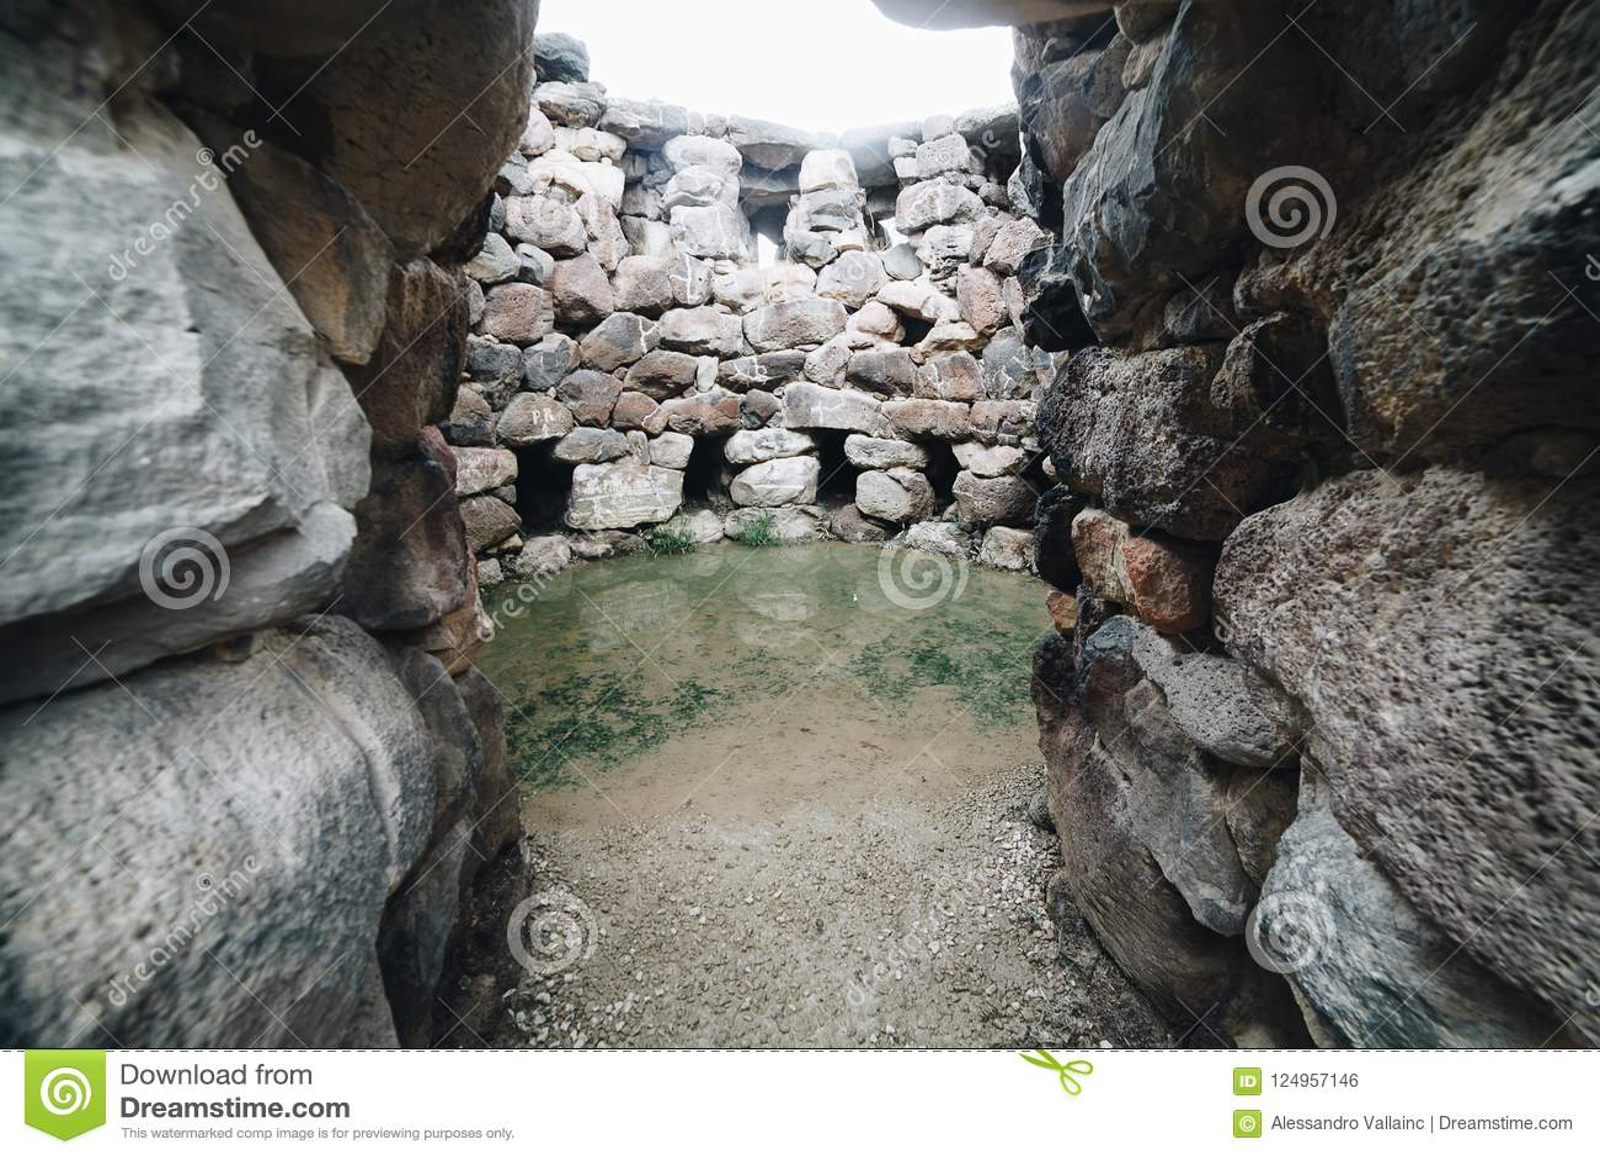 Entrada de Nuraghe Su Nuraxi en Barumini, Cerdeña, Italia Vista del complejo nuragic arqueológico